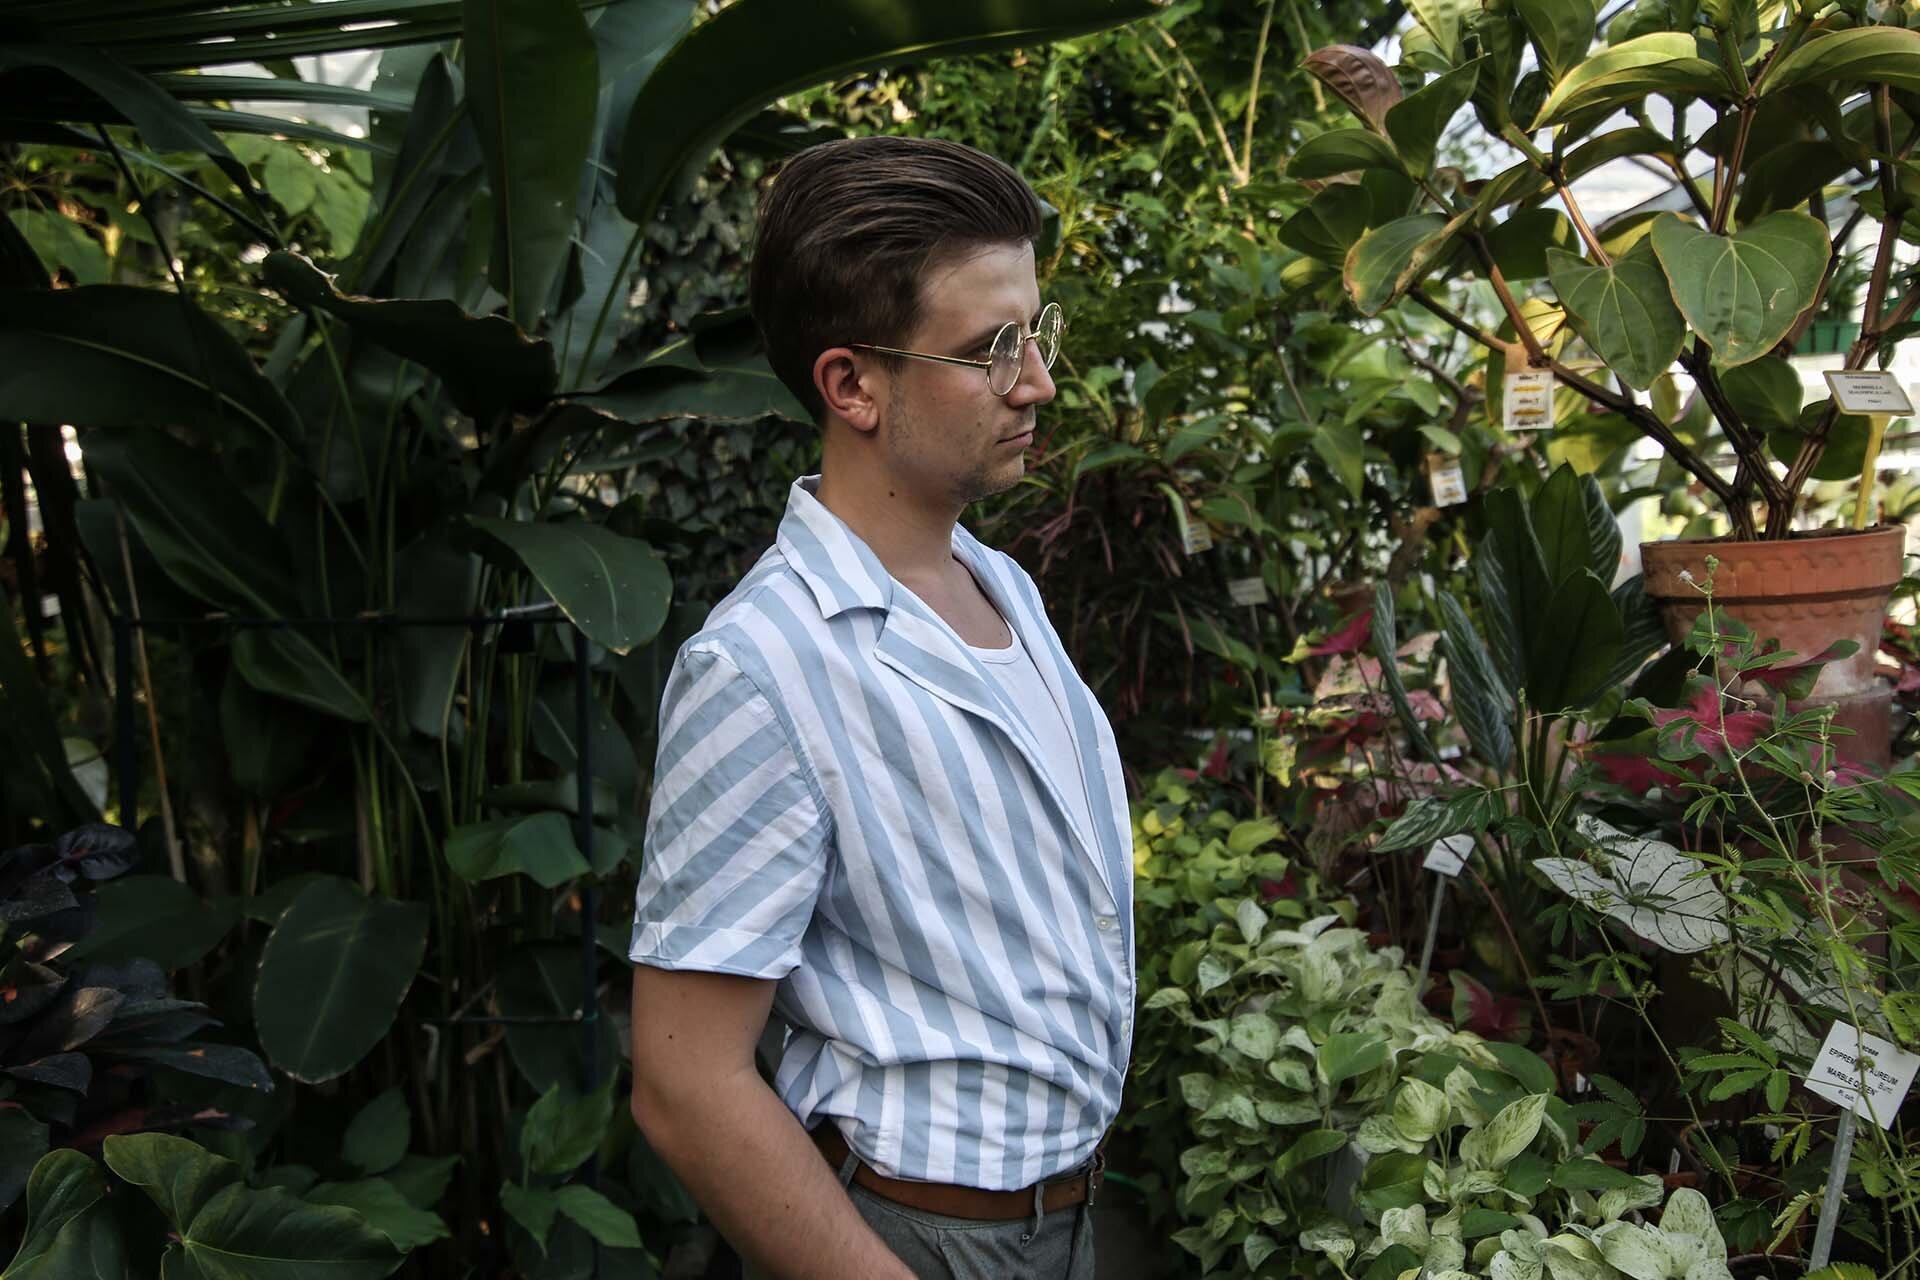 Tropikalna stylizacja męska, GMALE, Grzegorz Paliś, Blog o modzie męskiej, Koszula z krótkim rękawem Zara, Złote okulary